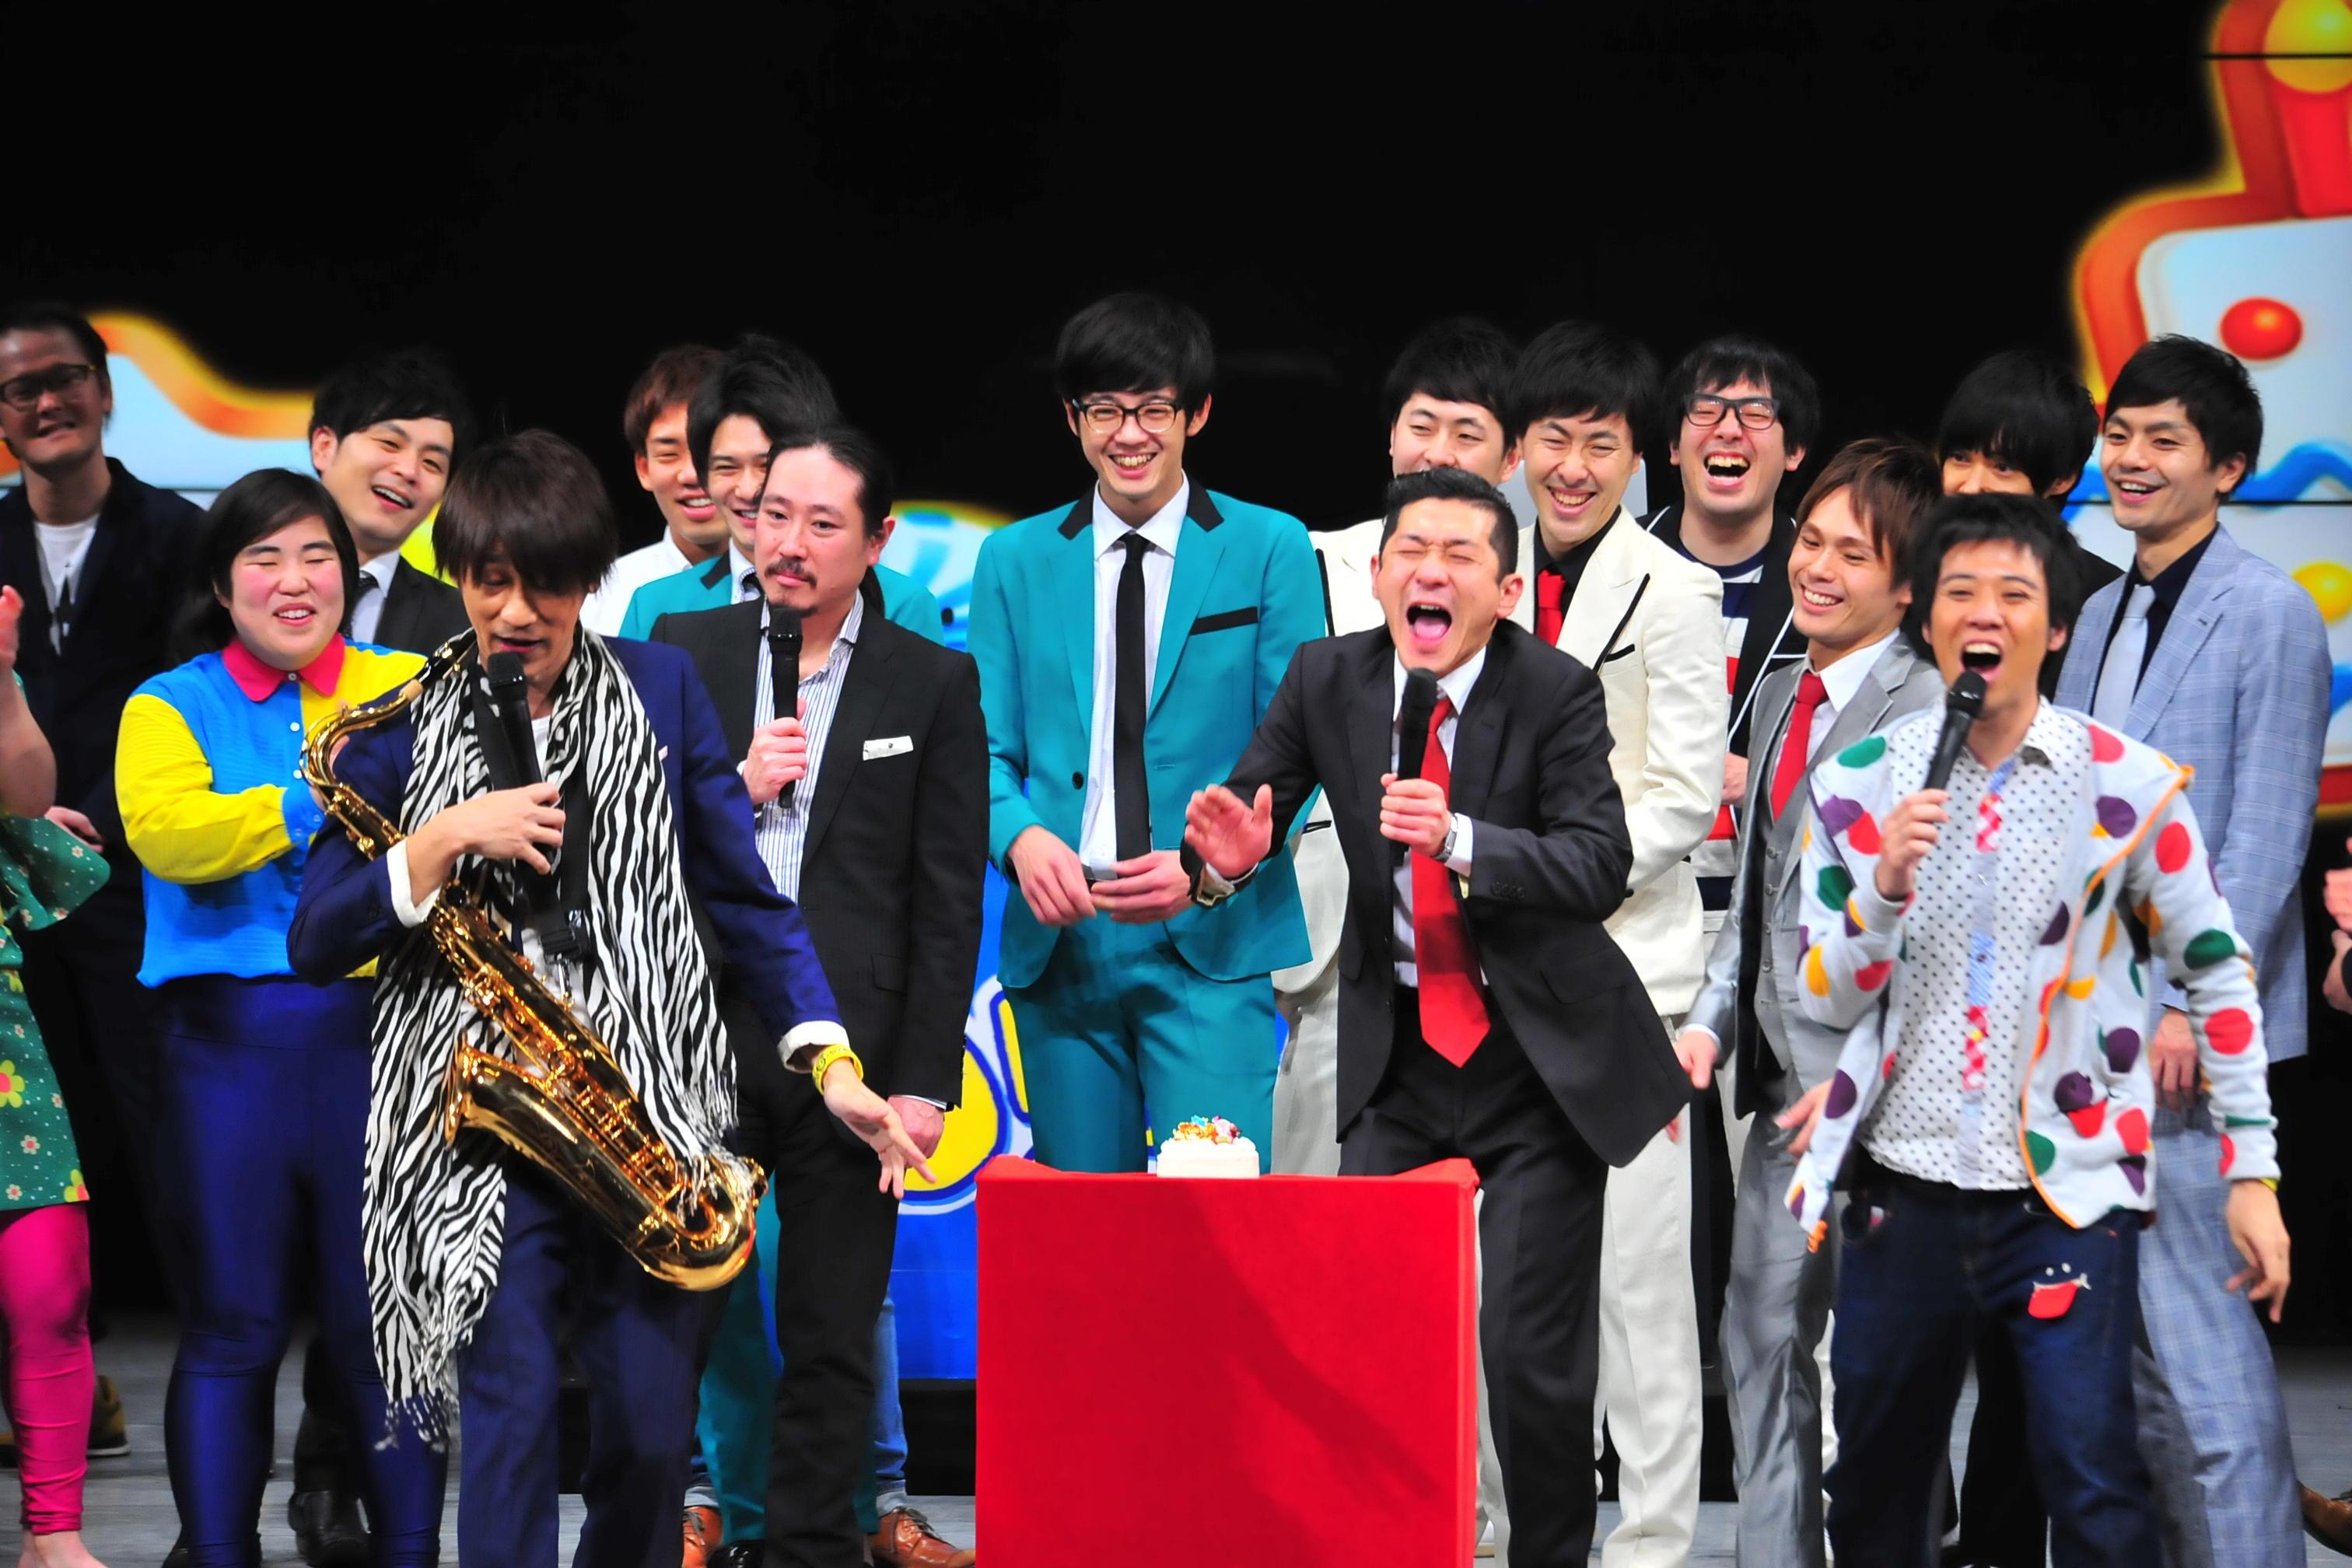 http://news.yoshimoto.co.jp/20151231133521-0106dc8ab8e85c07391bf27732fd08ced3f9cc32.jpg